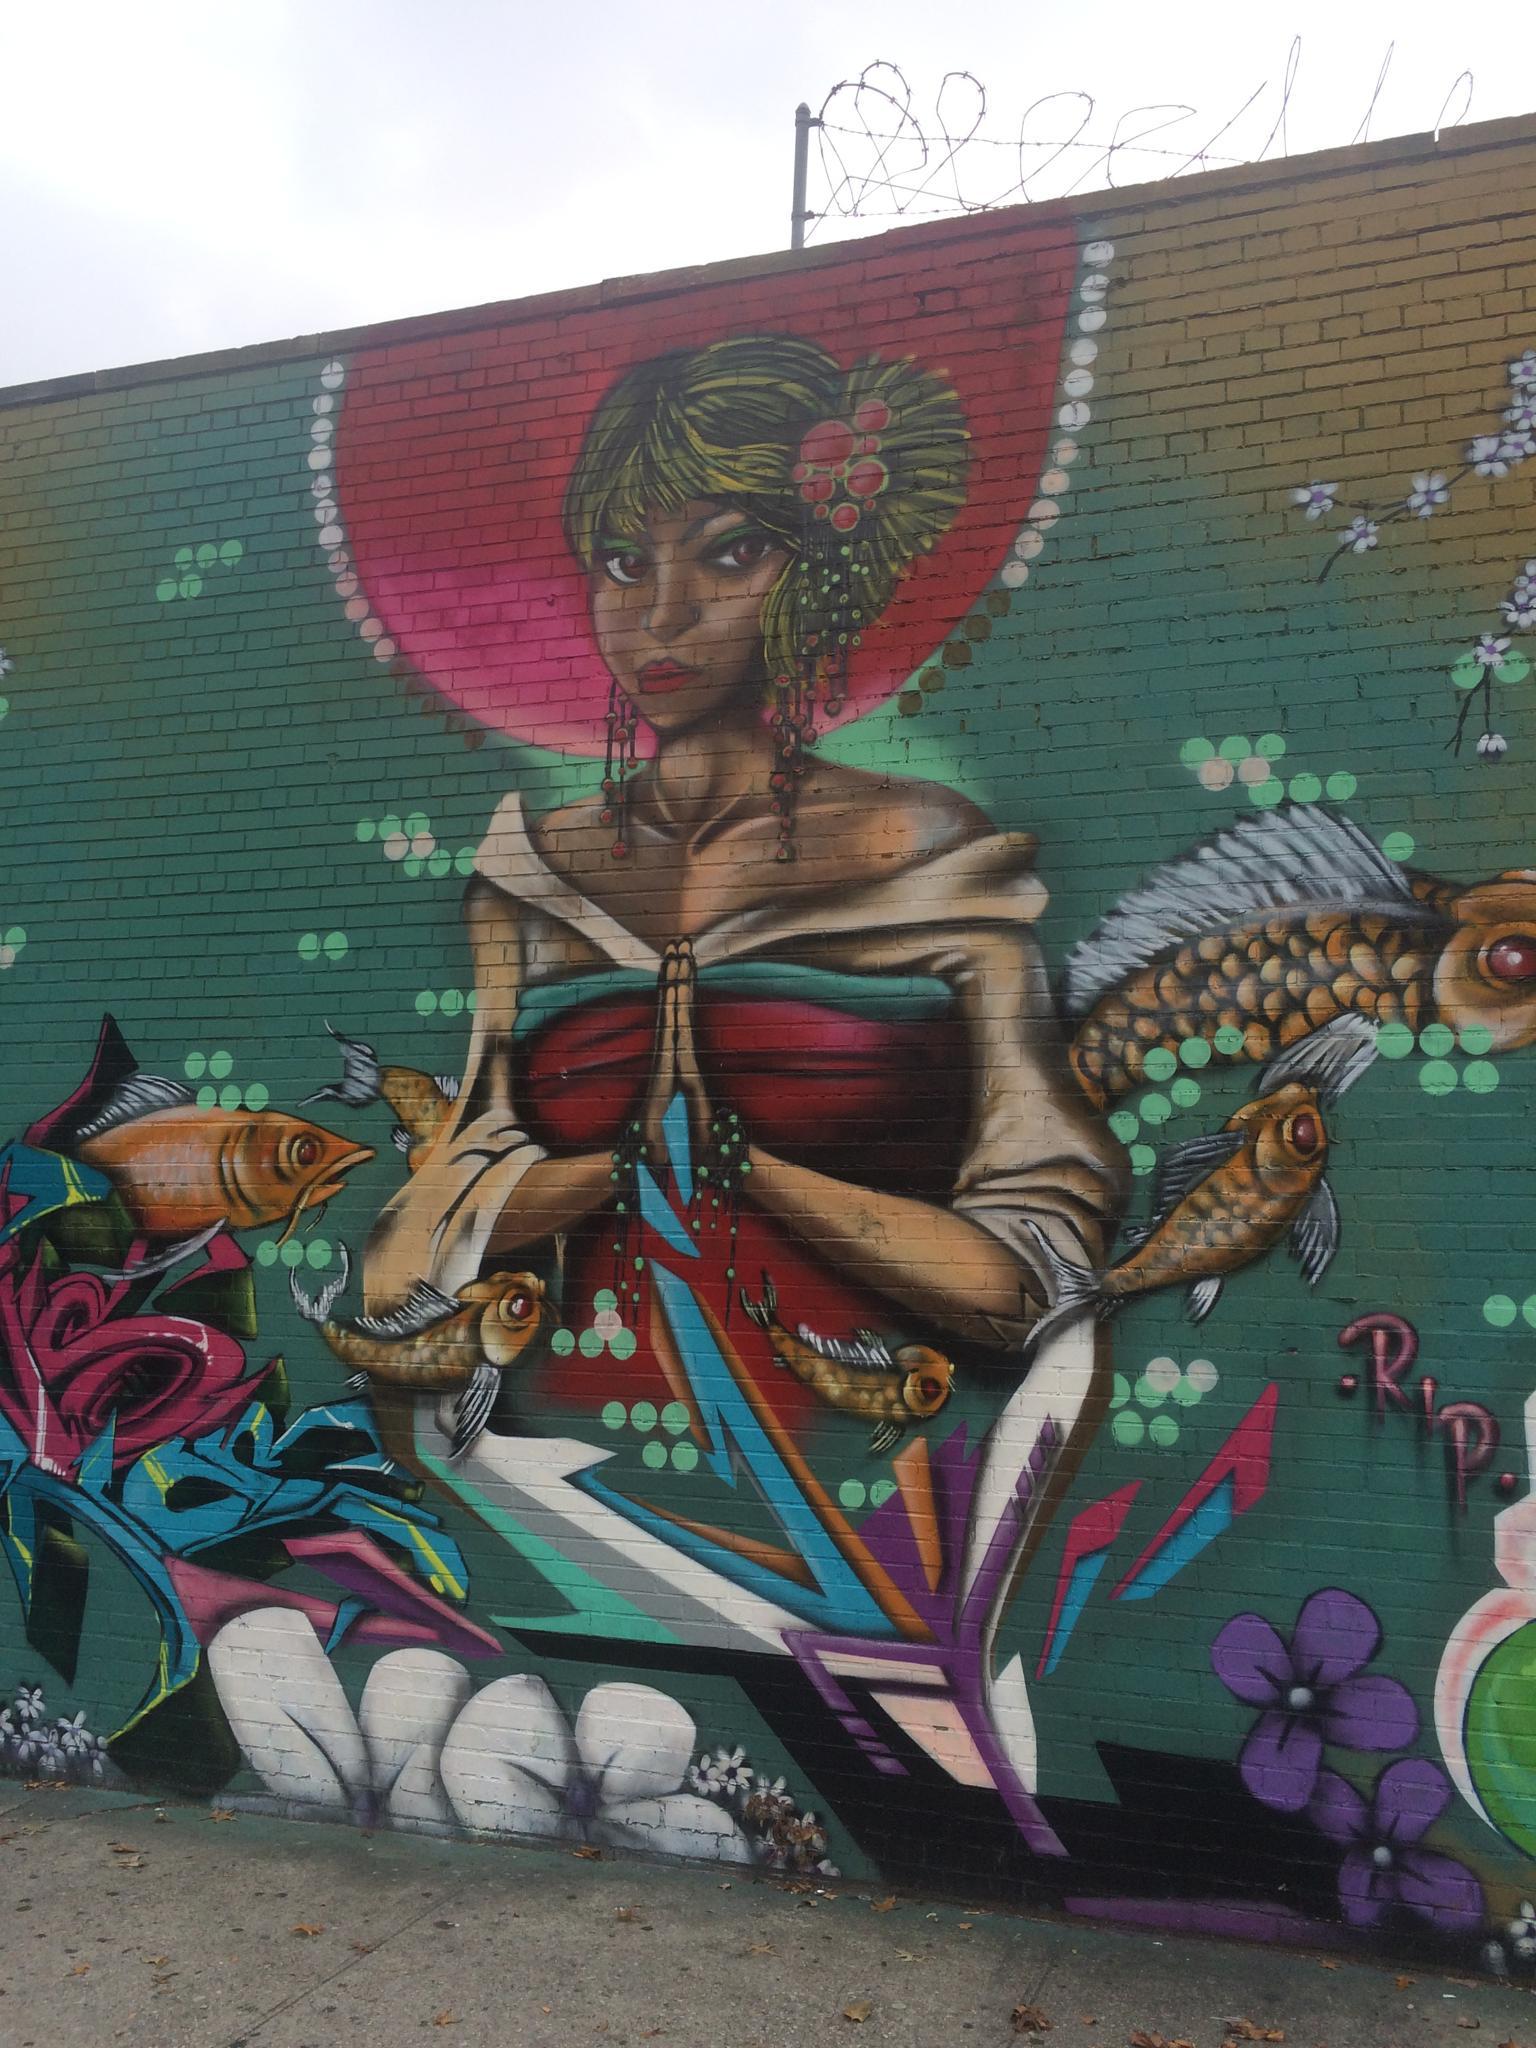 Ravenswood Street Art by Owen Kelly